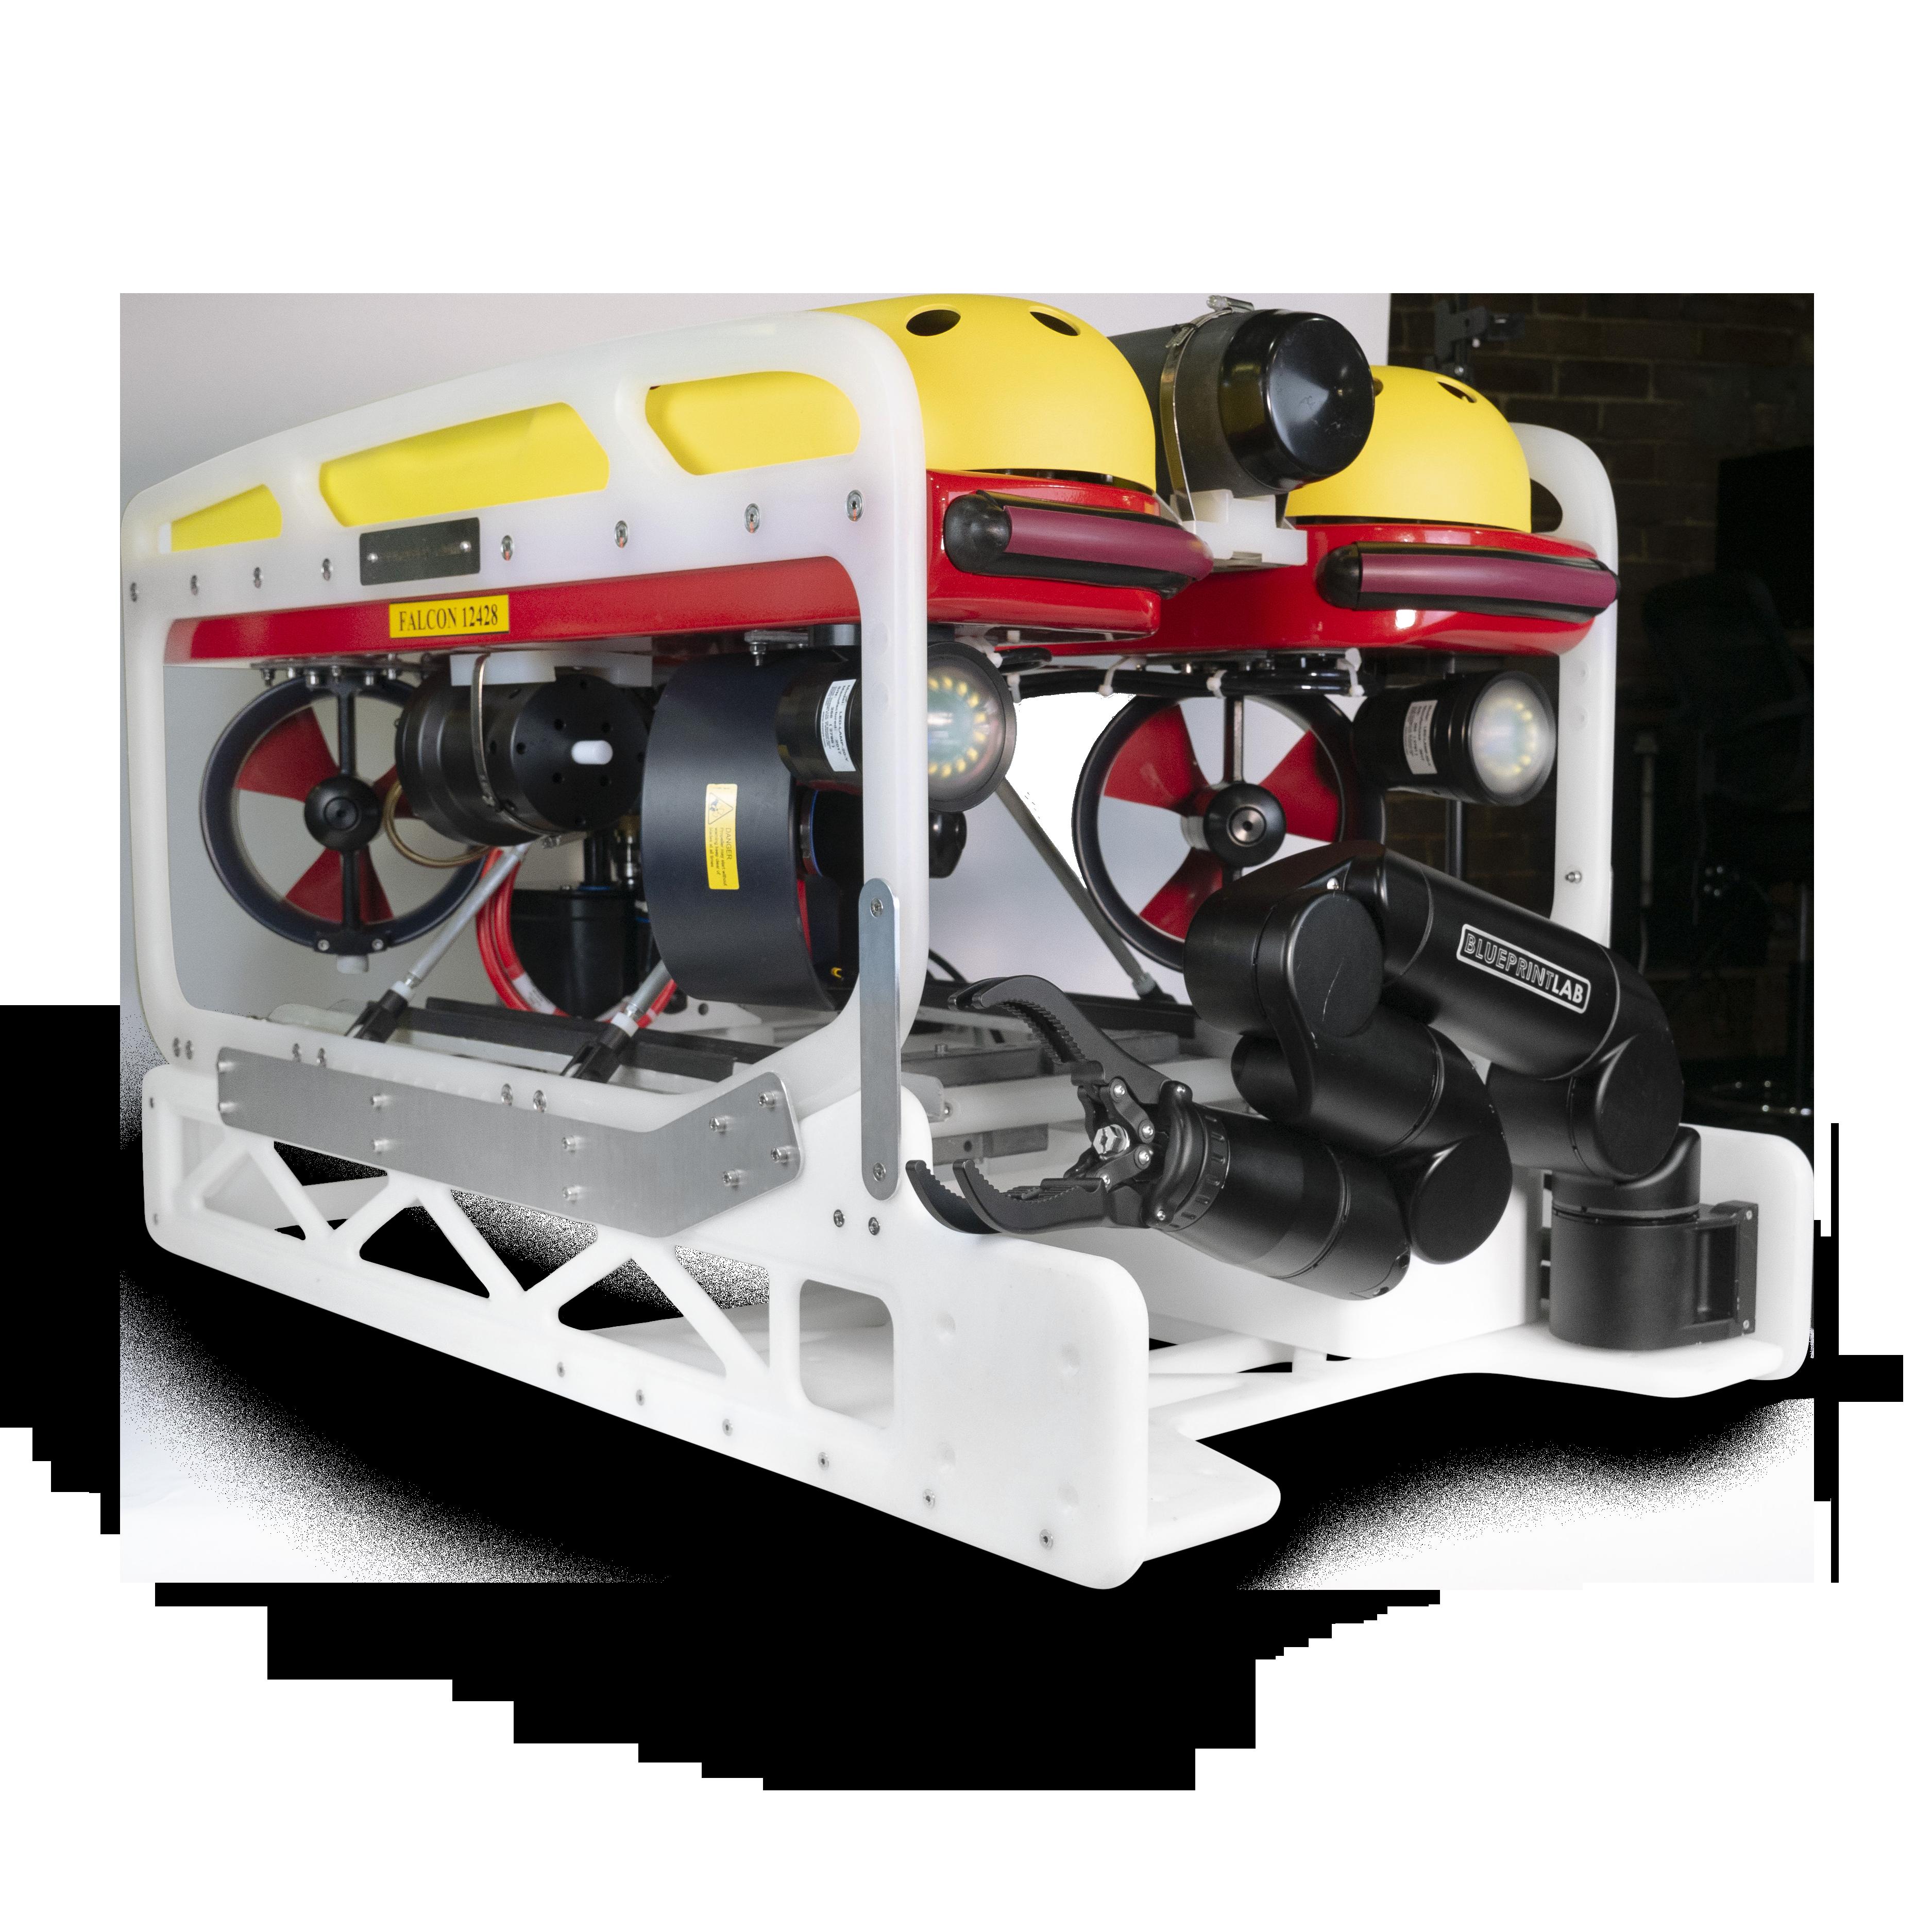 Intervention Underwater Portable ROV